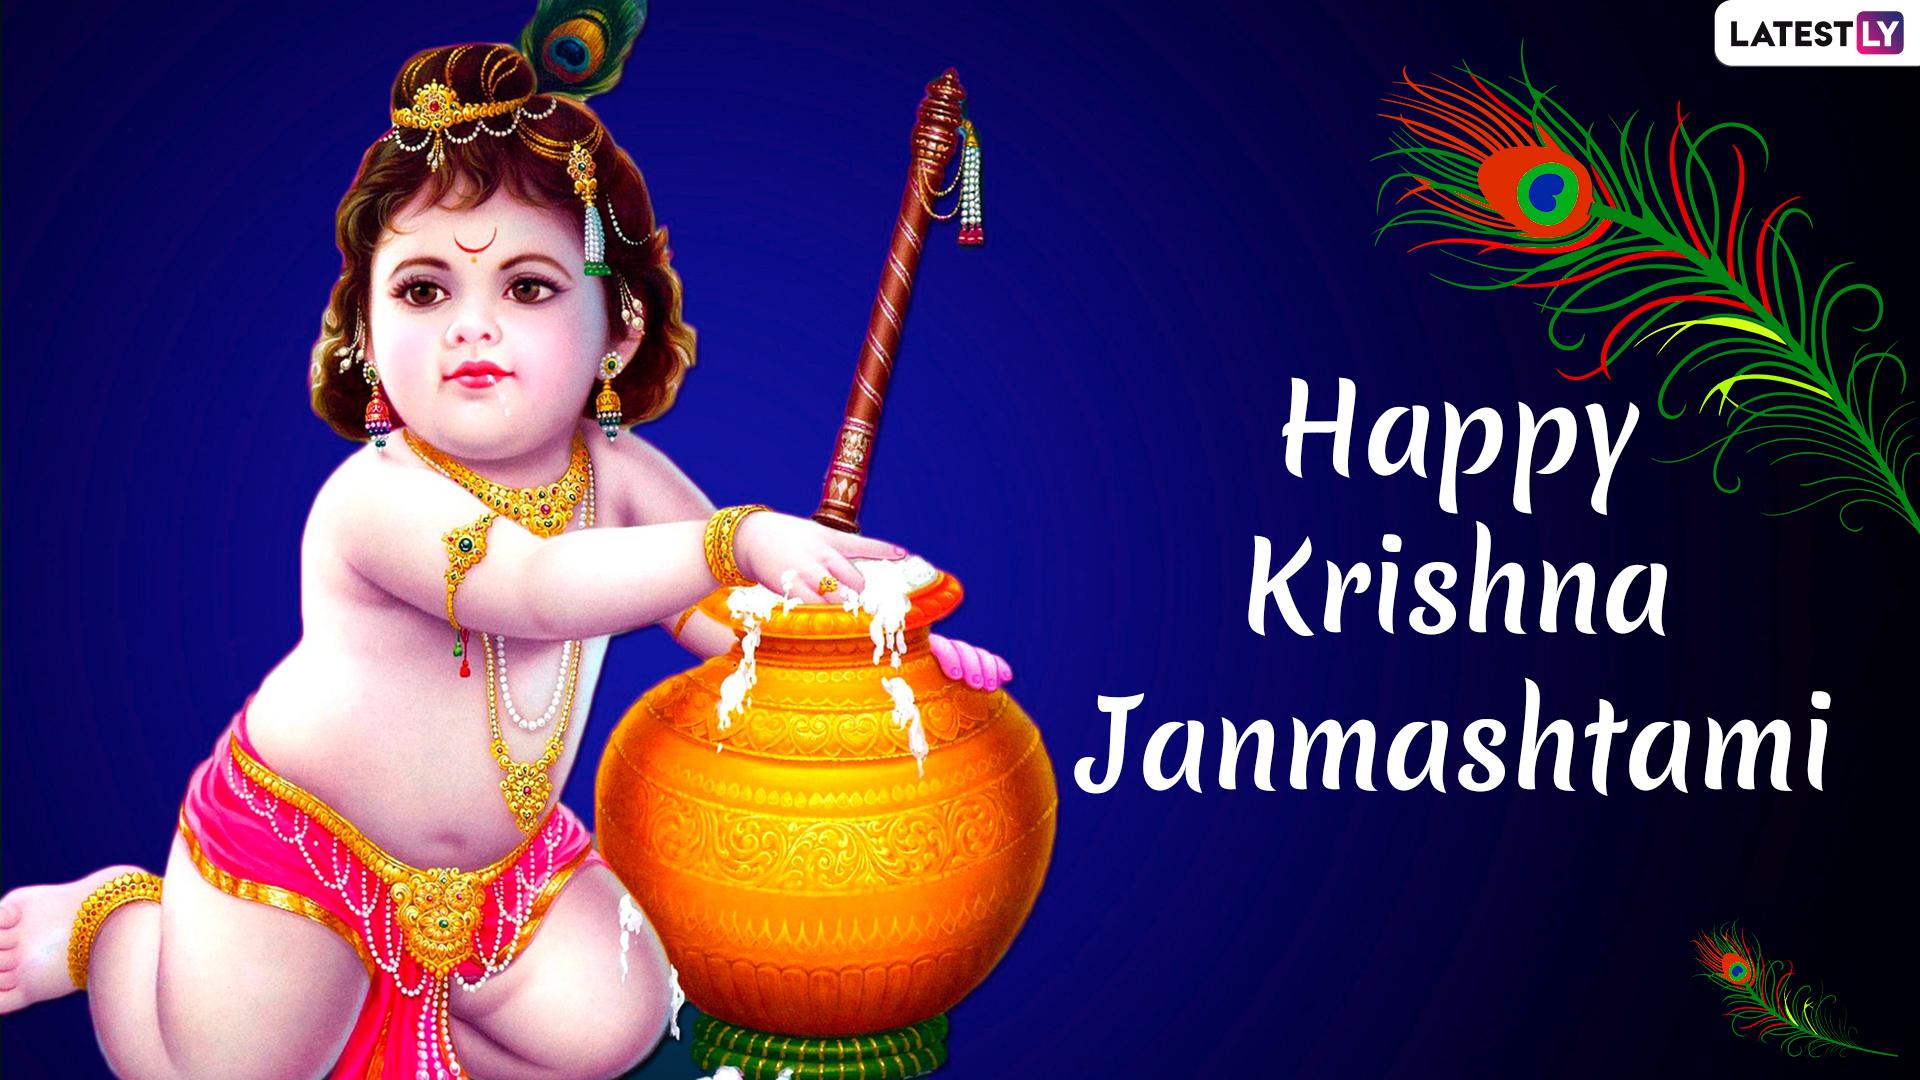 Happy Janmashtami Images Wishes